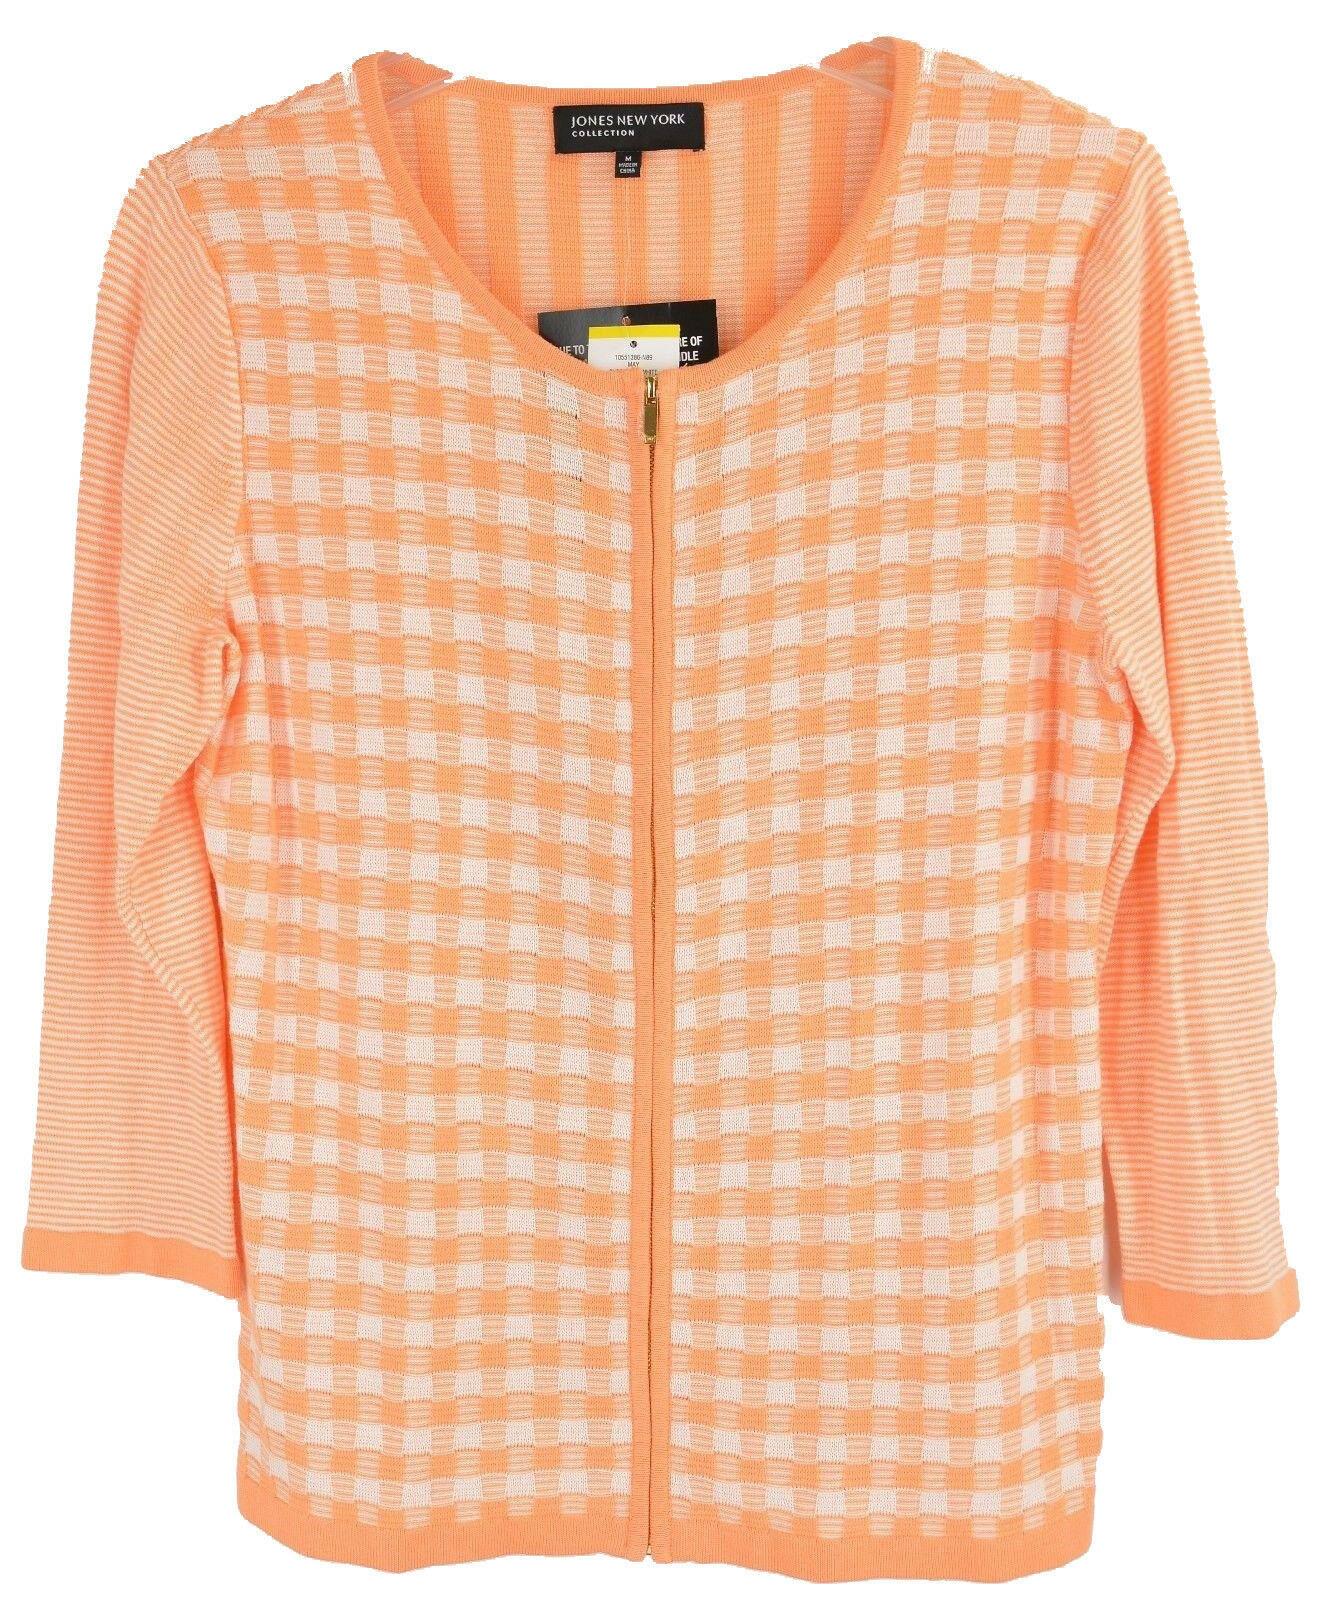 4635-2 Jones New York Collection Full Zip Cardigan Sweater Sherbert White, M $89